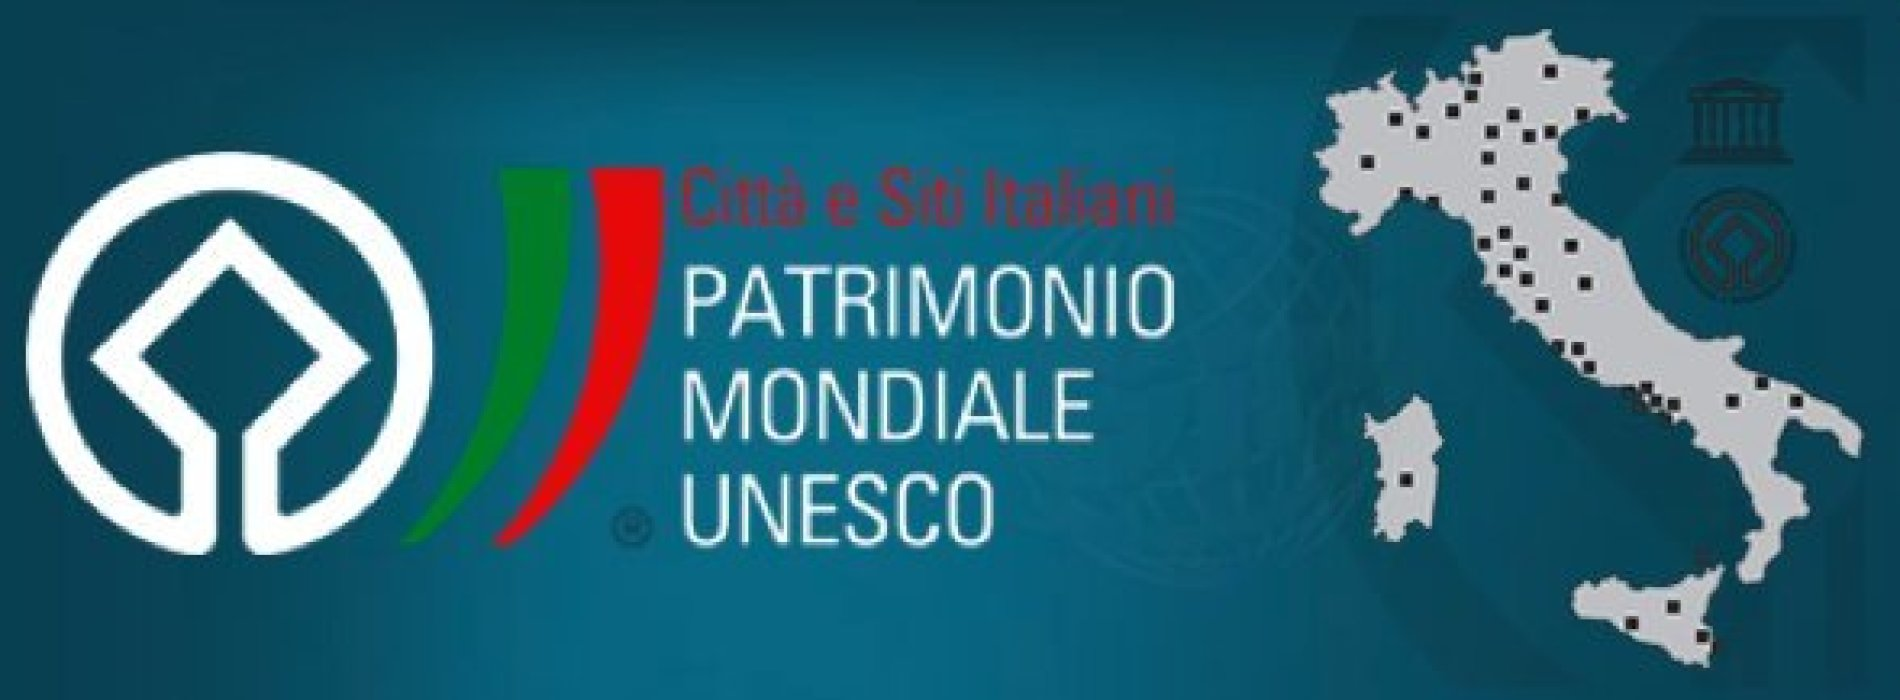 Il Patrimonio dell'Umanità: siti Unesco in Italia Meridionale